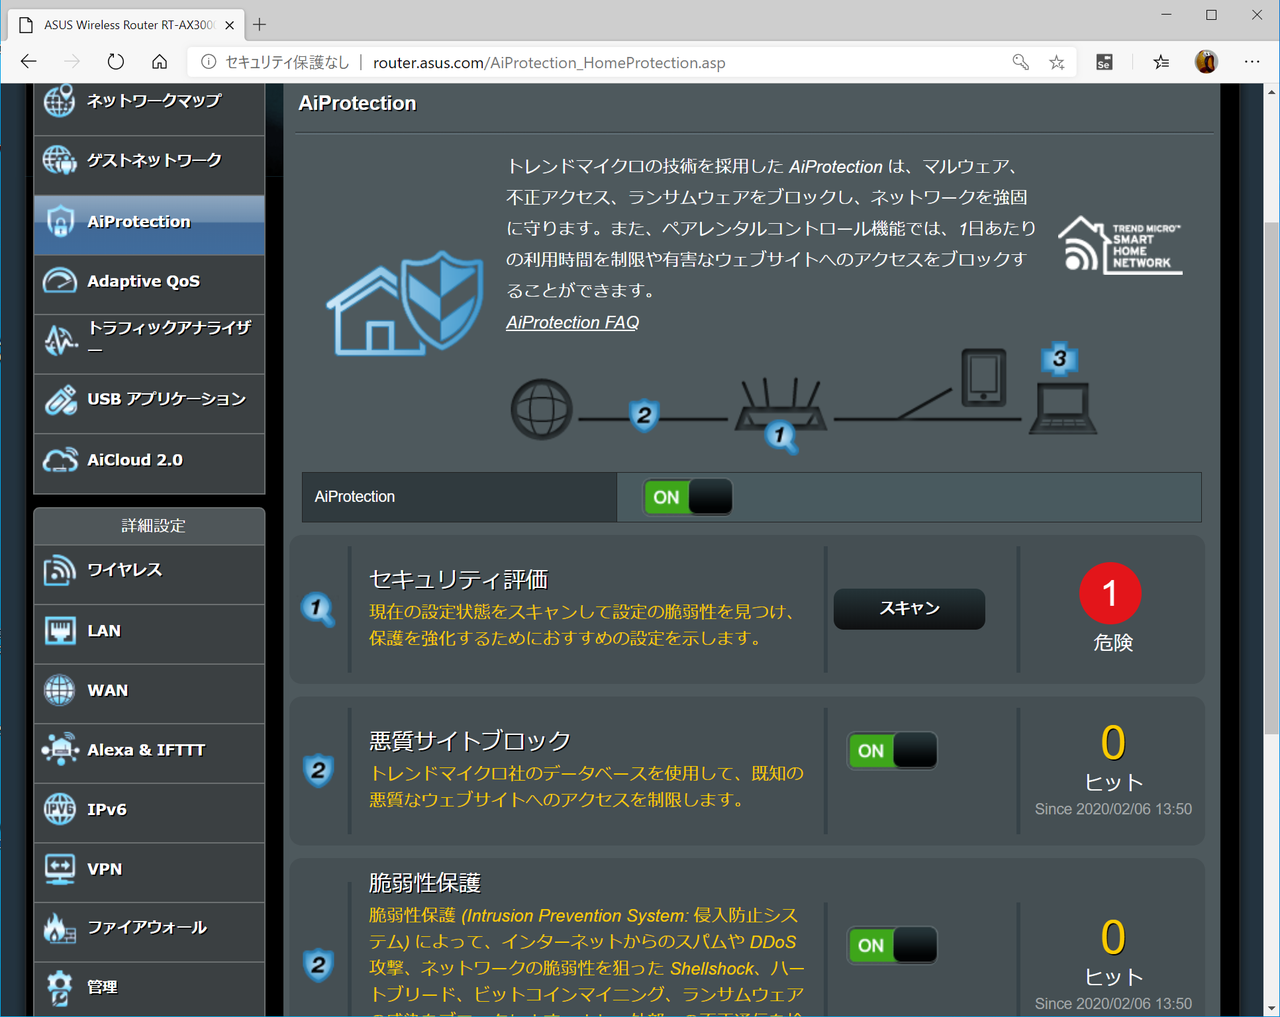 AiProtectionによってネットワーク経由での脆弱性を狙った攻撃などを遮断できる